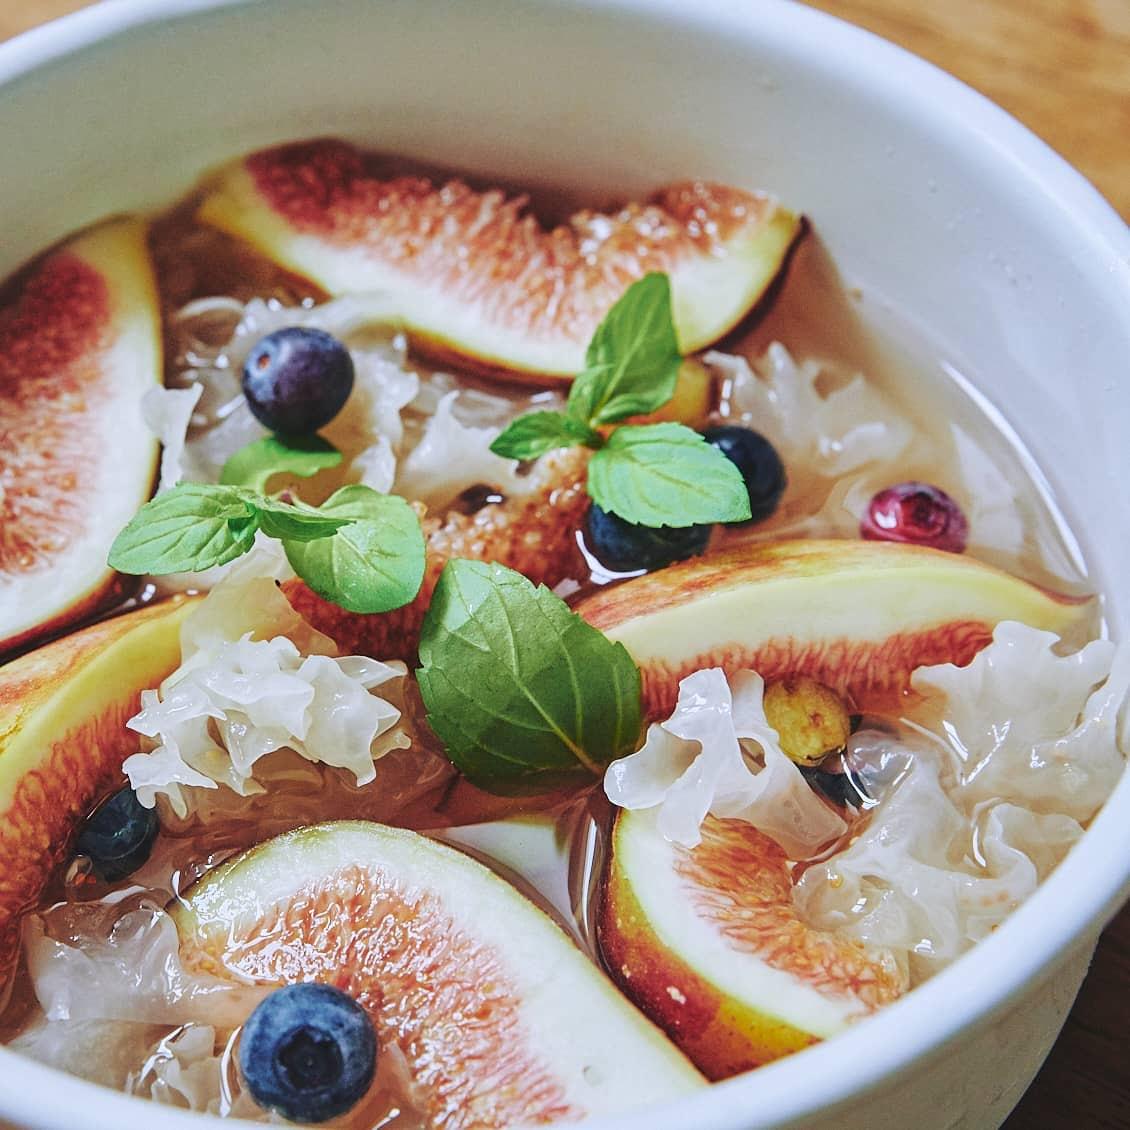 【体いたわる、おうち参鶏湯】第3話:参鶏湯にもぴったり。秋に食べたい副菜とデザート